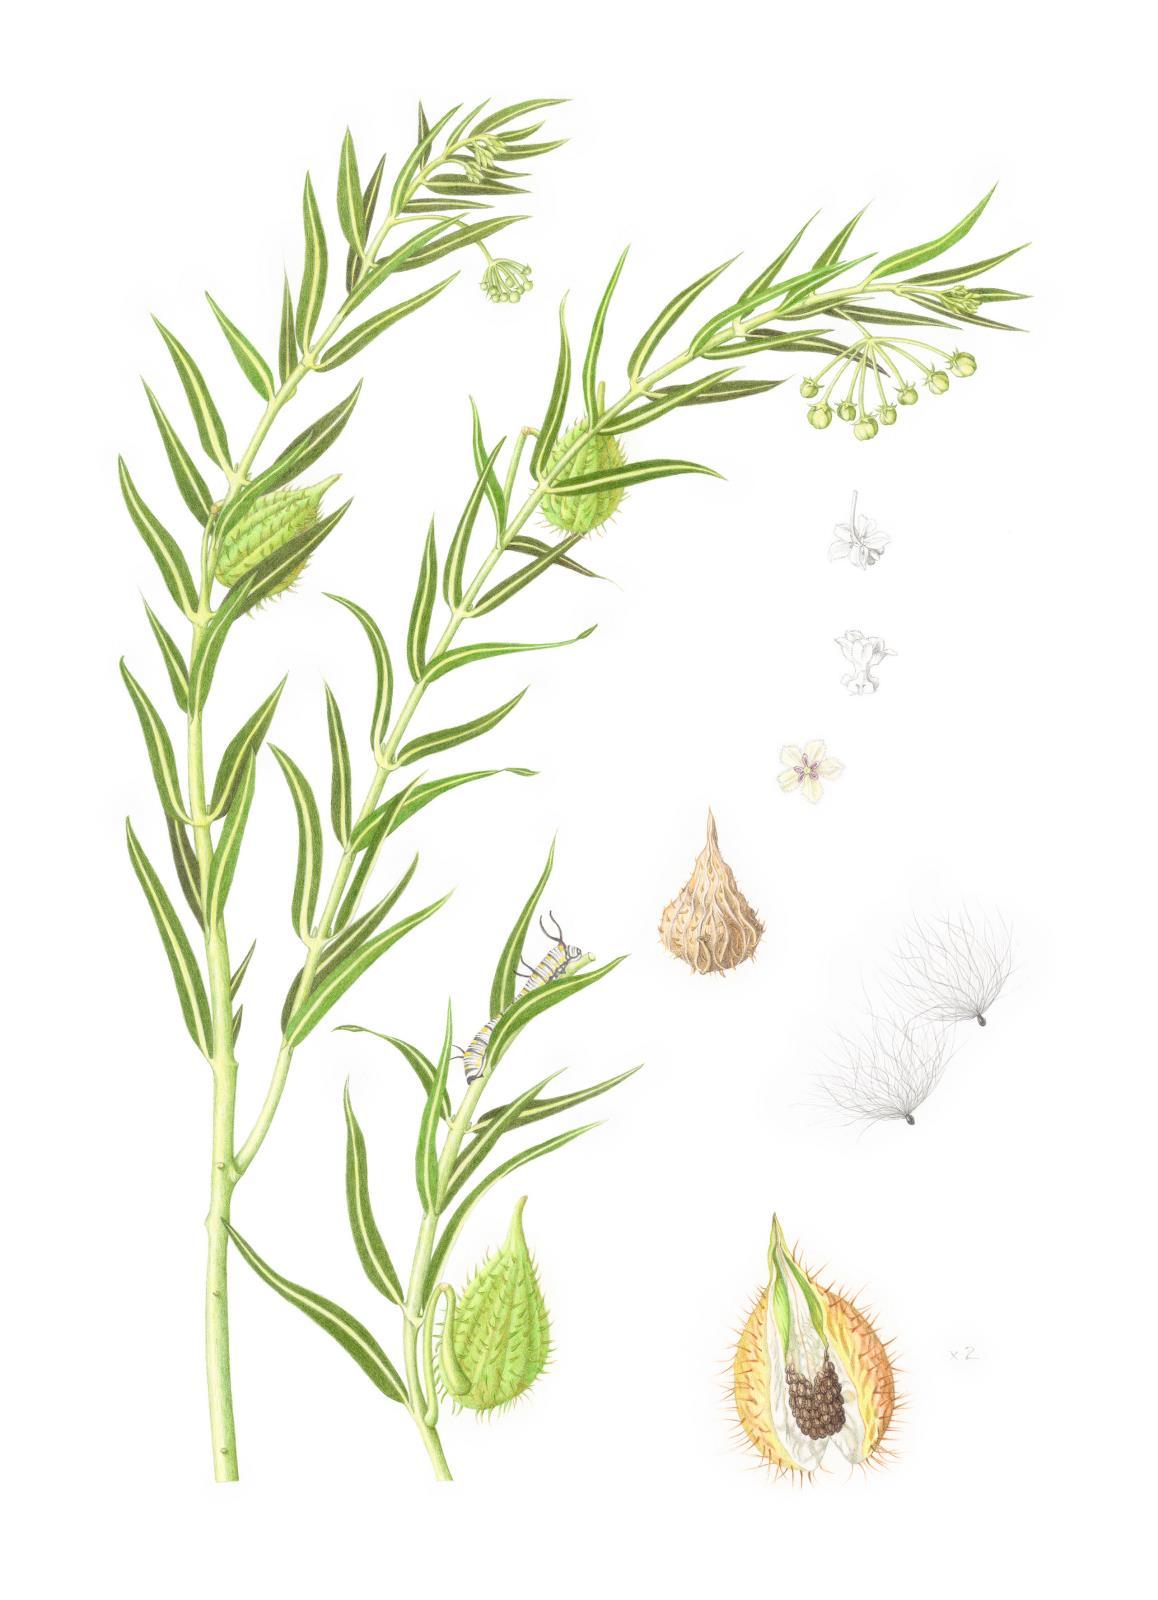 Gomphocarpus fruticosus with Danaus chrysippus